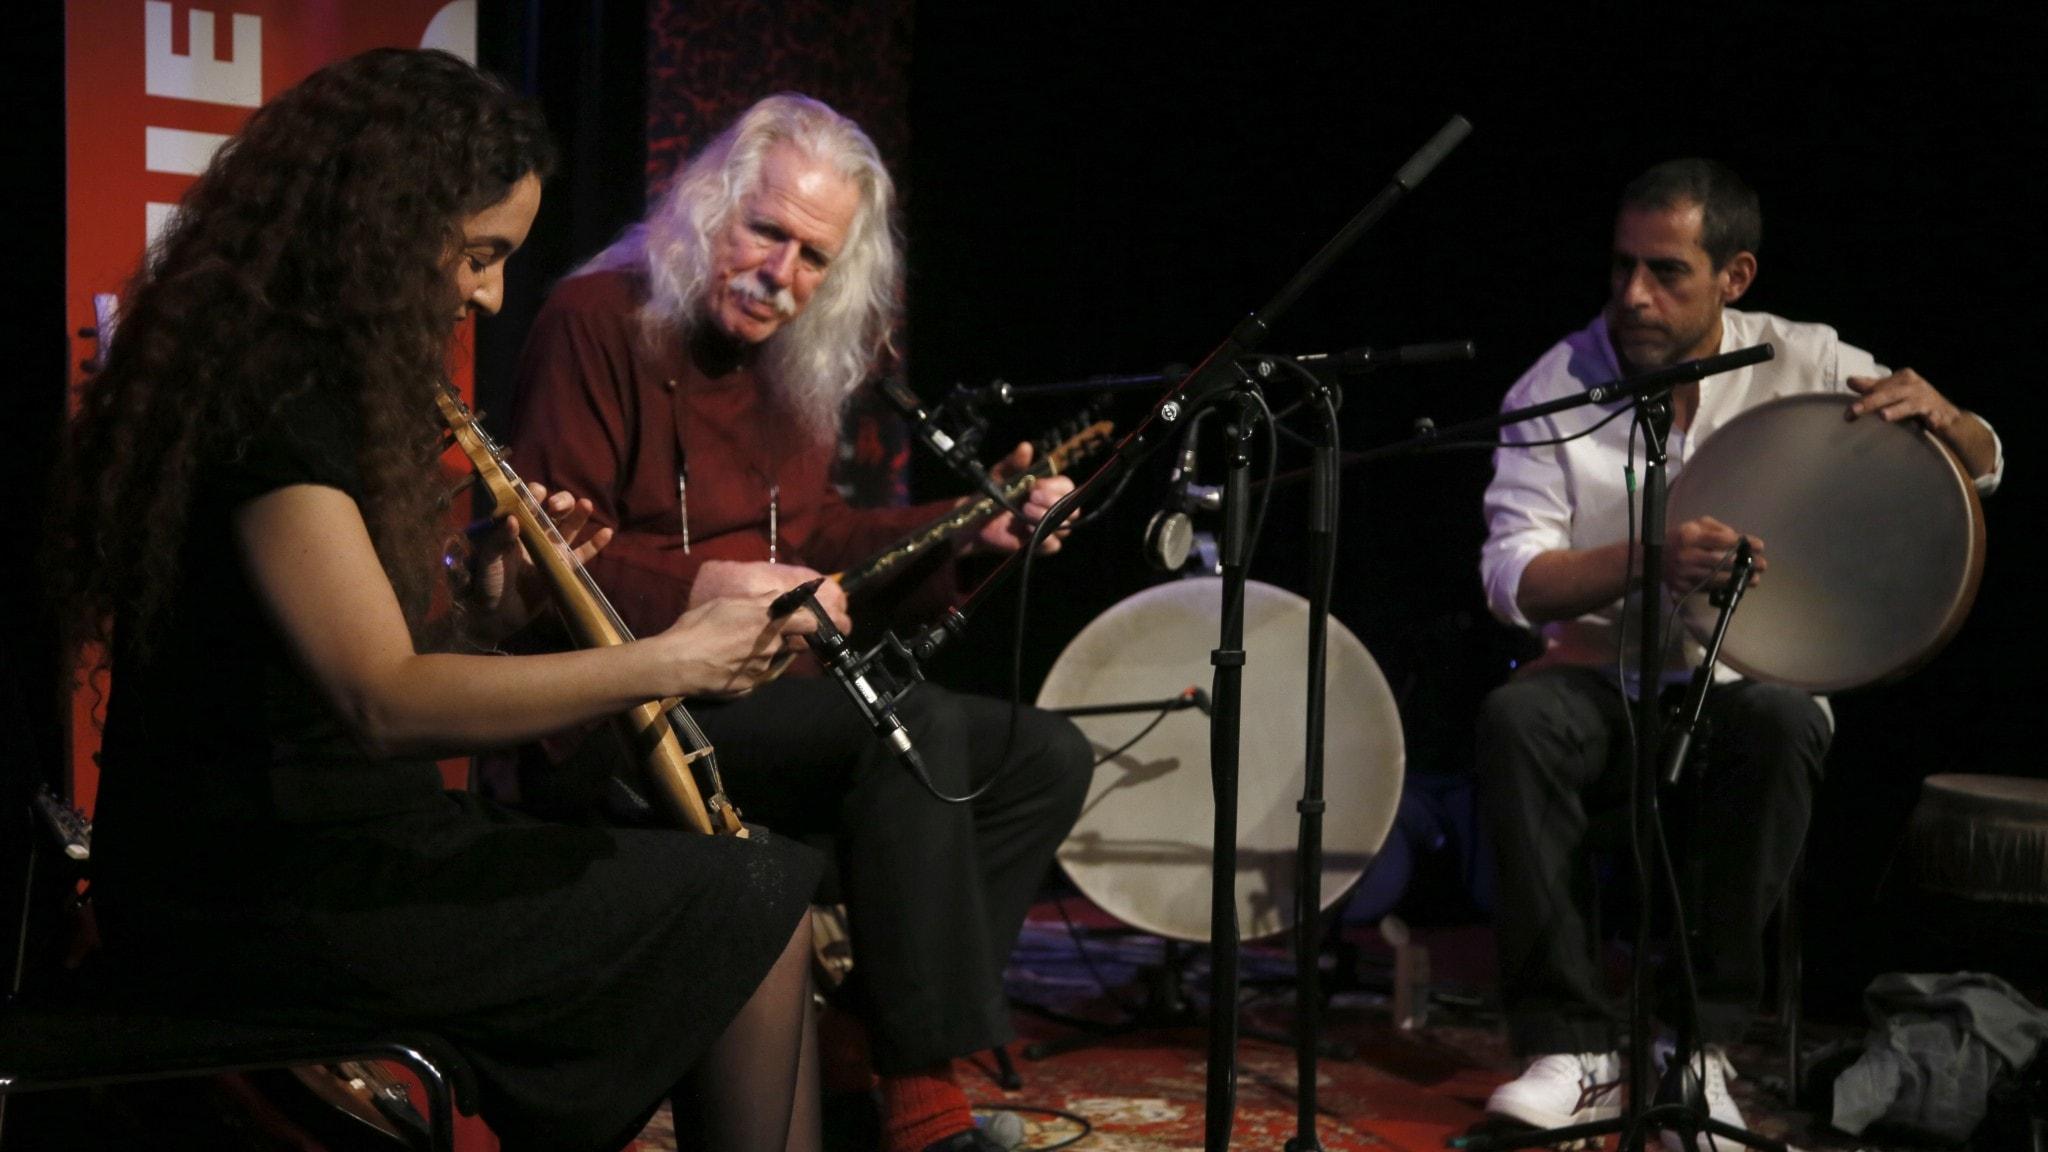 KONSERT: Ross Daly – stigfinnare i orientalisk musik, del 1